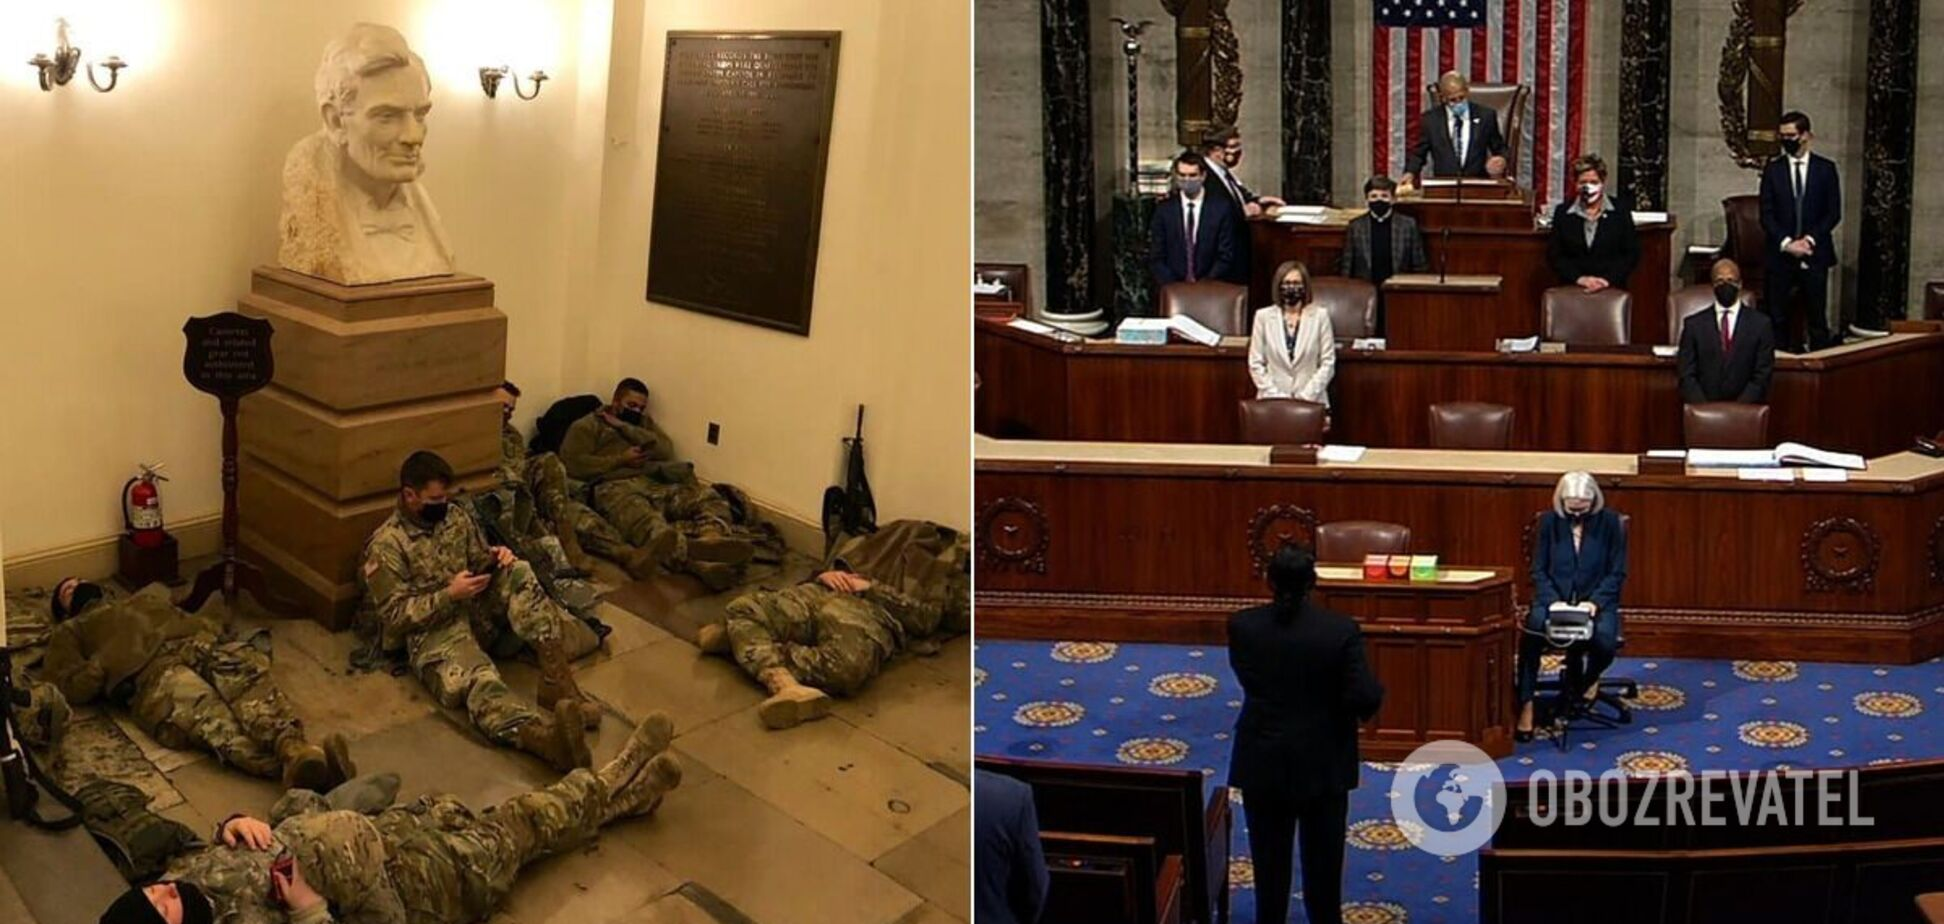 Бойцы Нацгвардии охраняют Капитолий во время заседания Конгресса